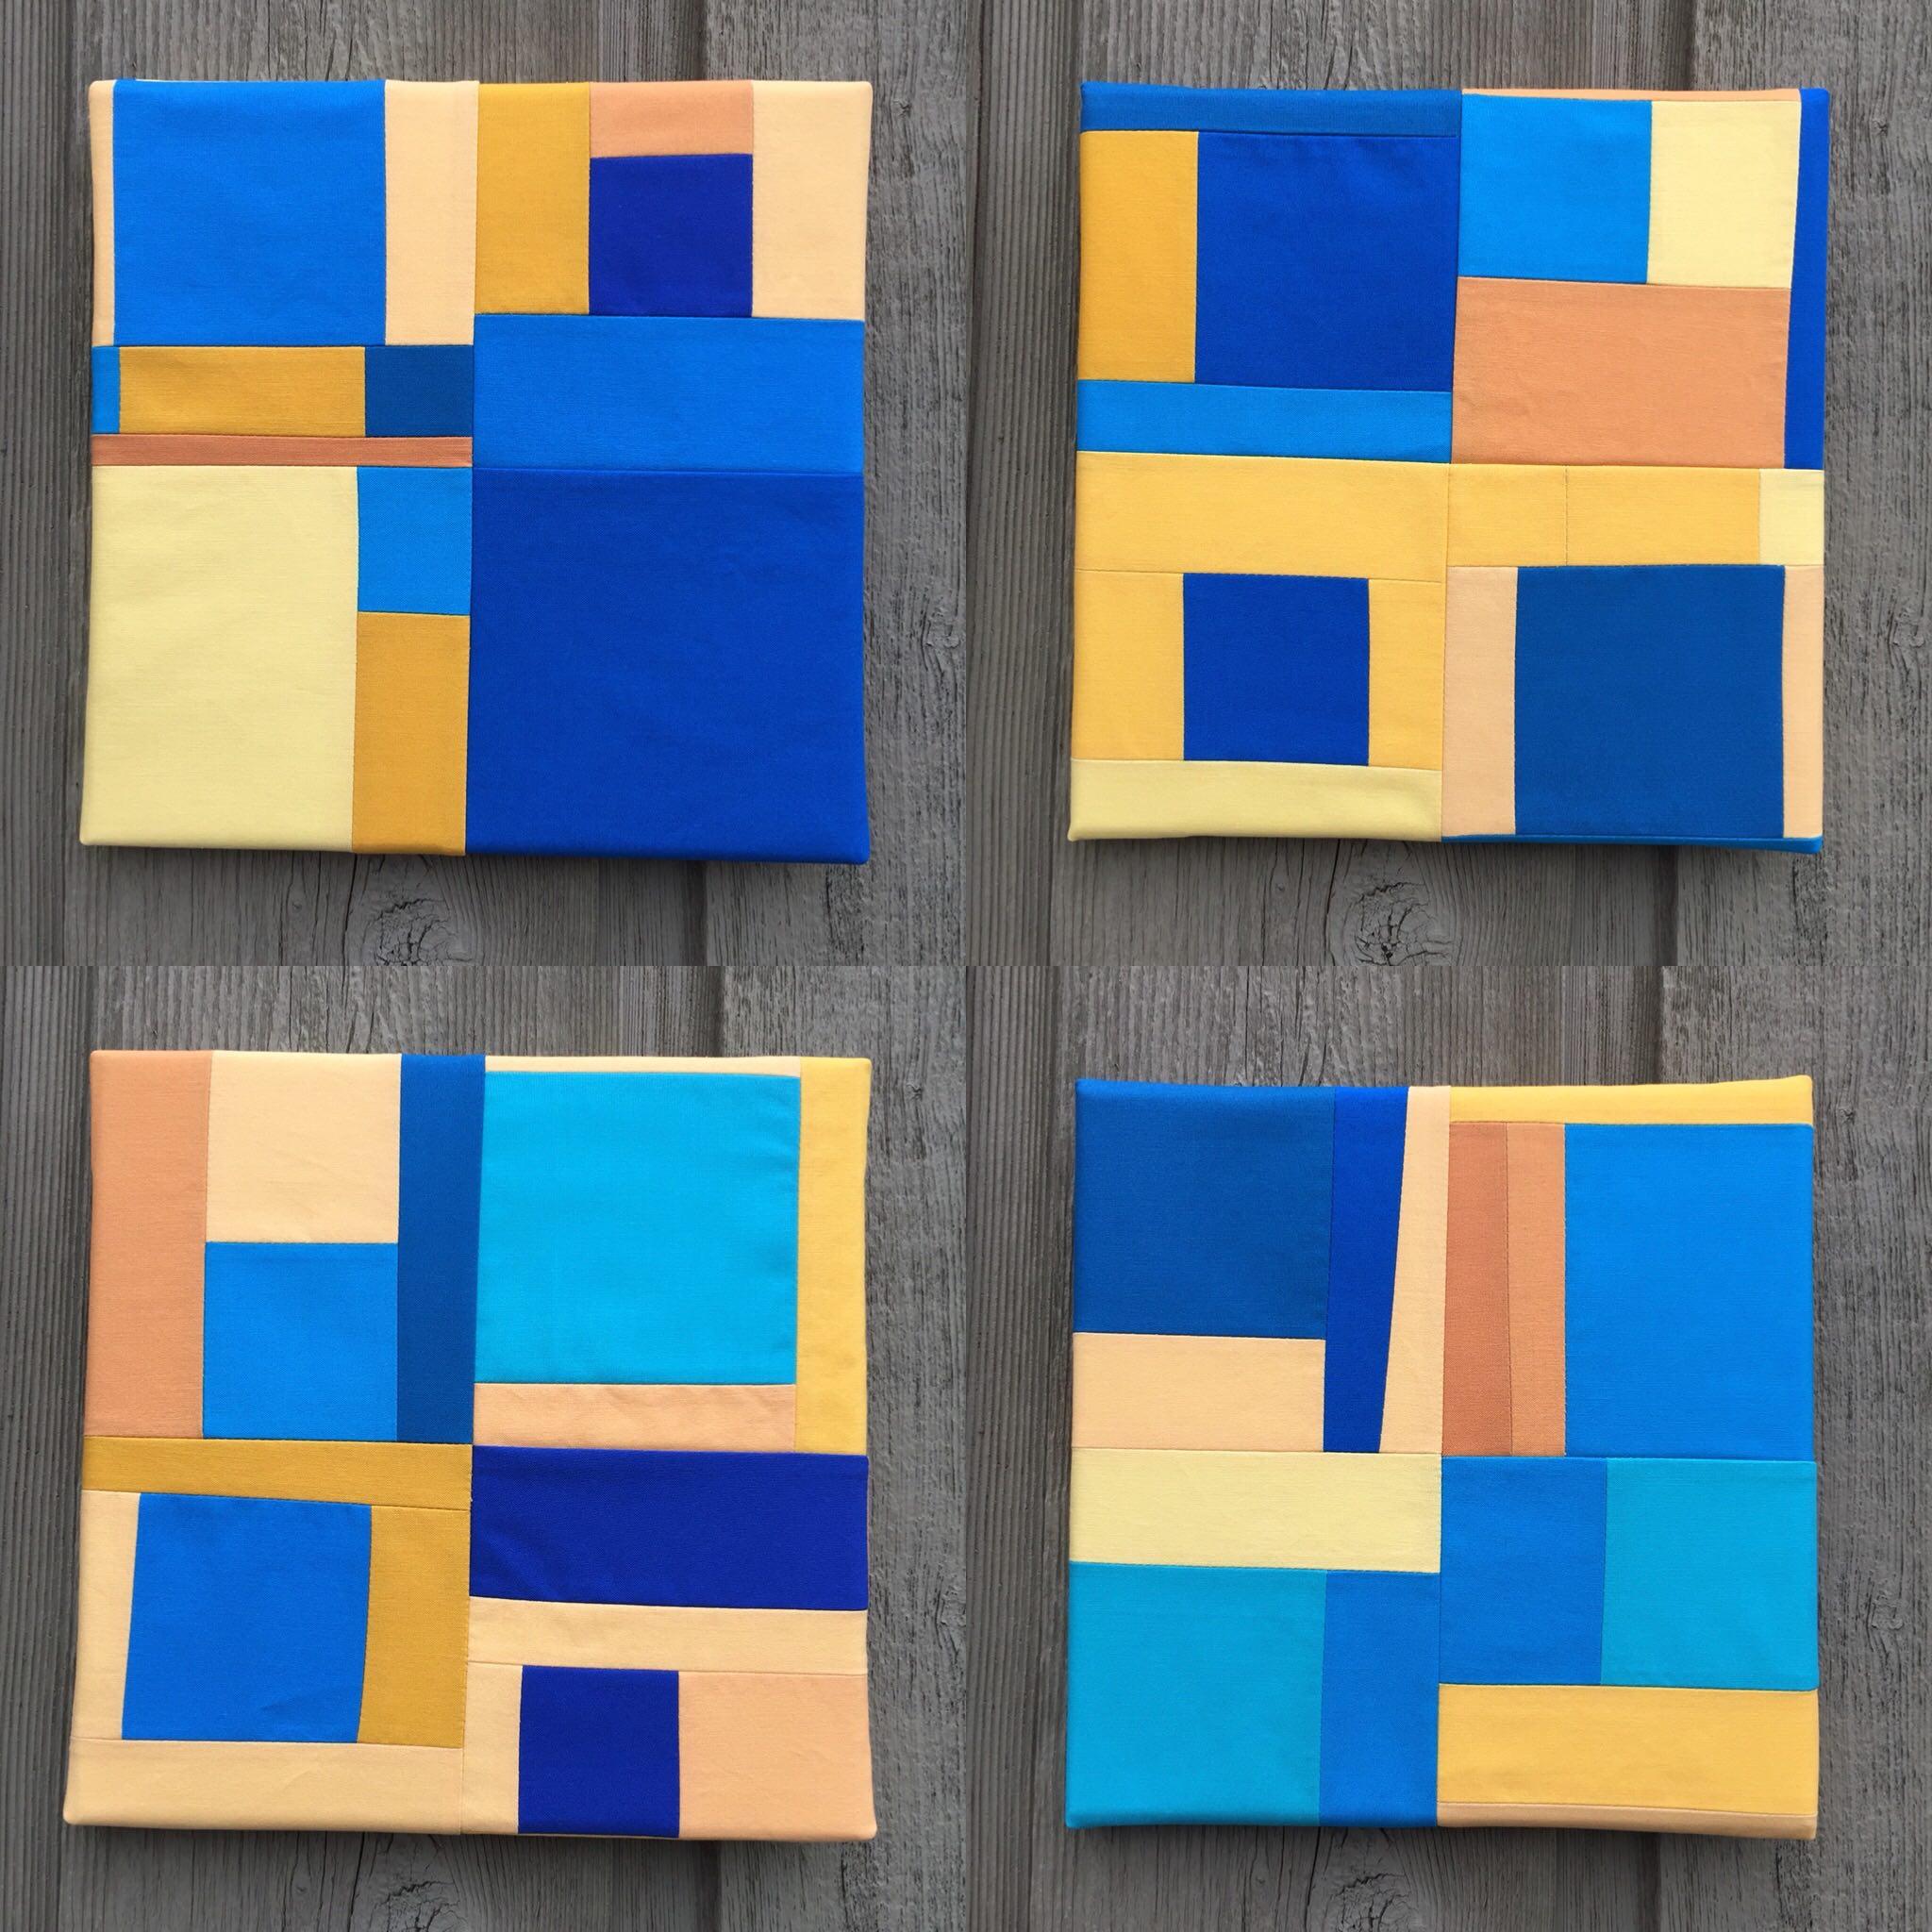 Blue Square Nos. 1 through 4